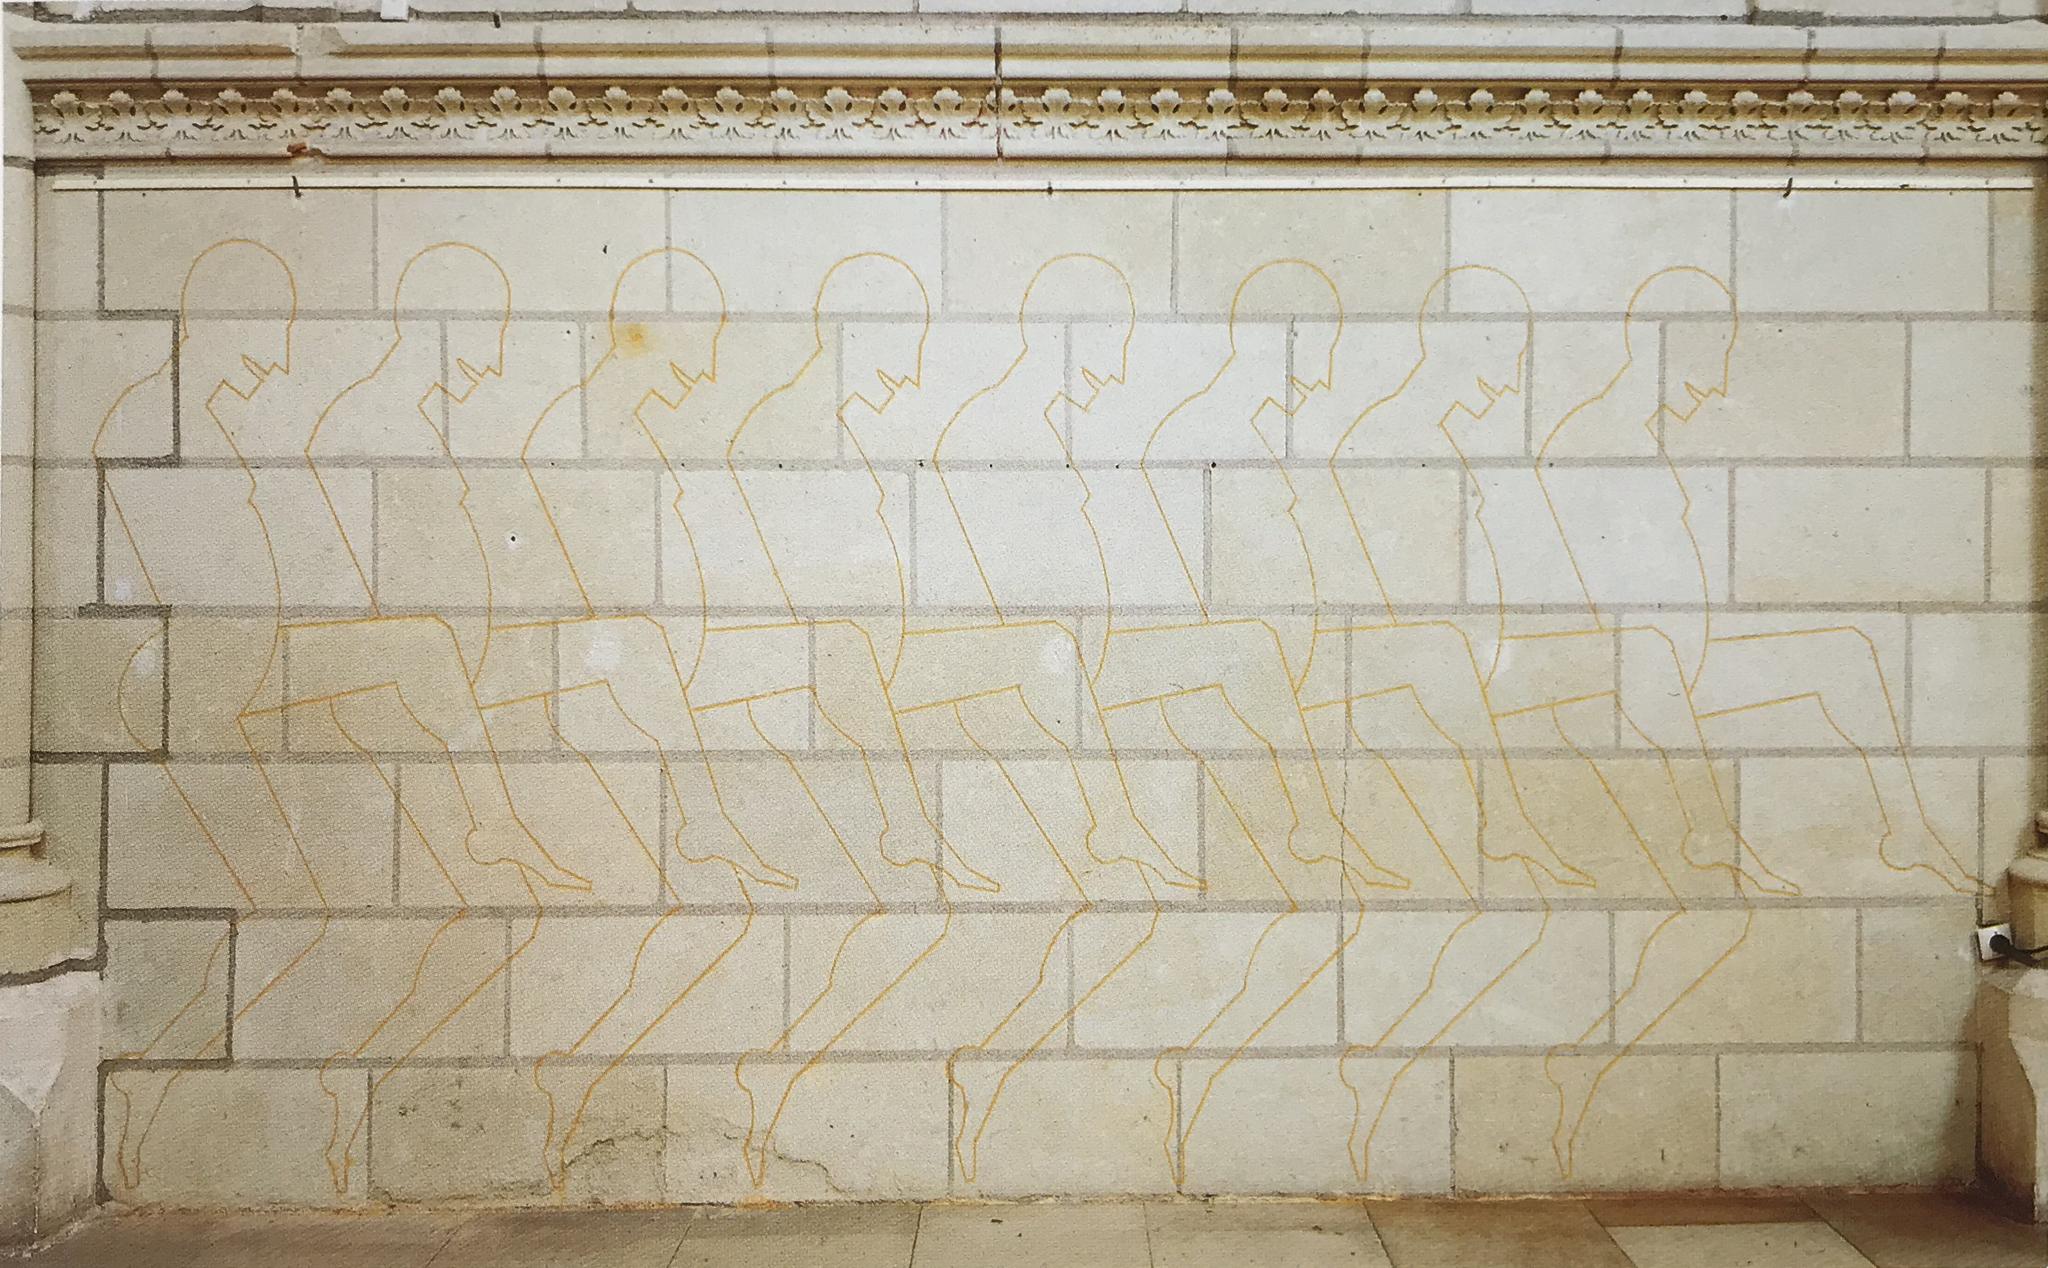 Danseurs (détail), peinture murale, 2000 -Foto A. Morin